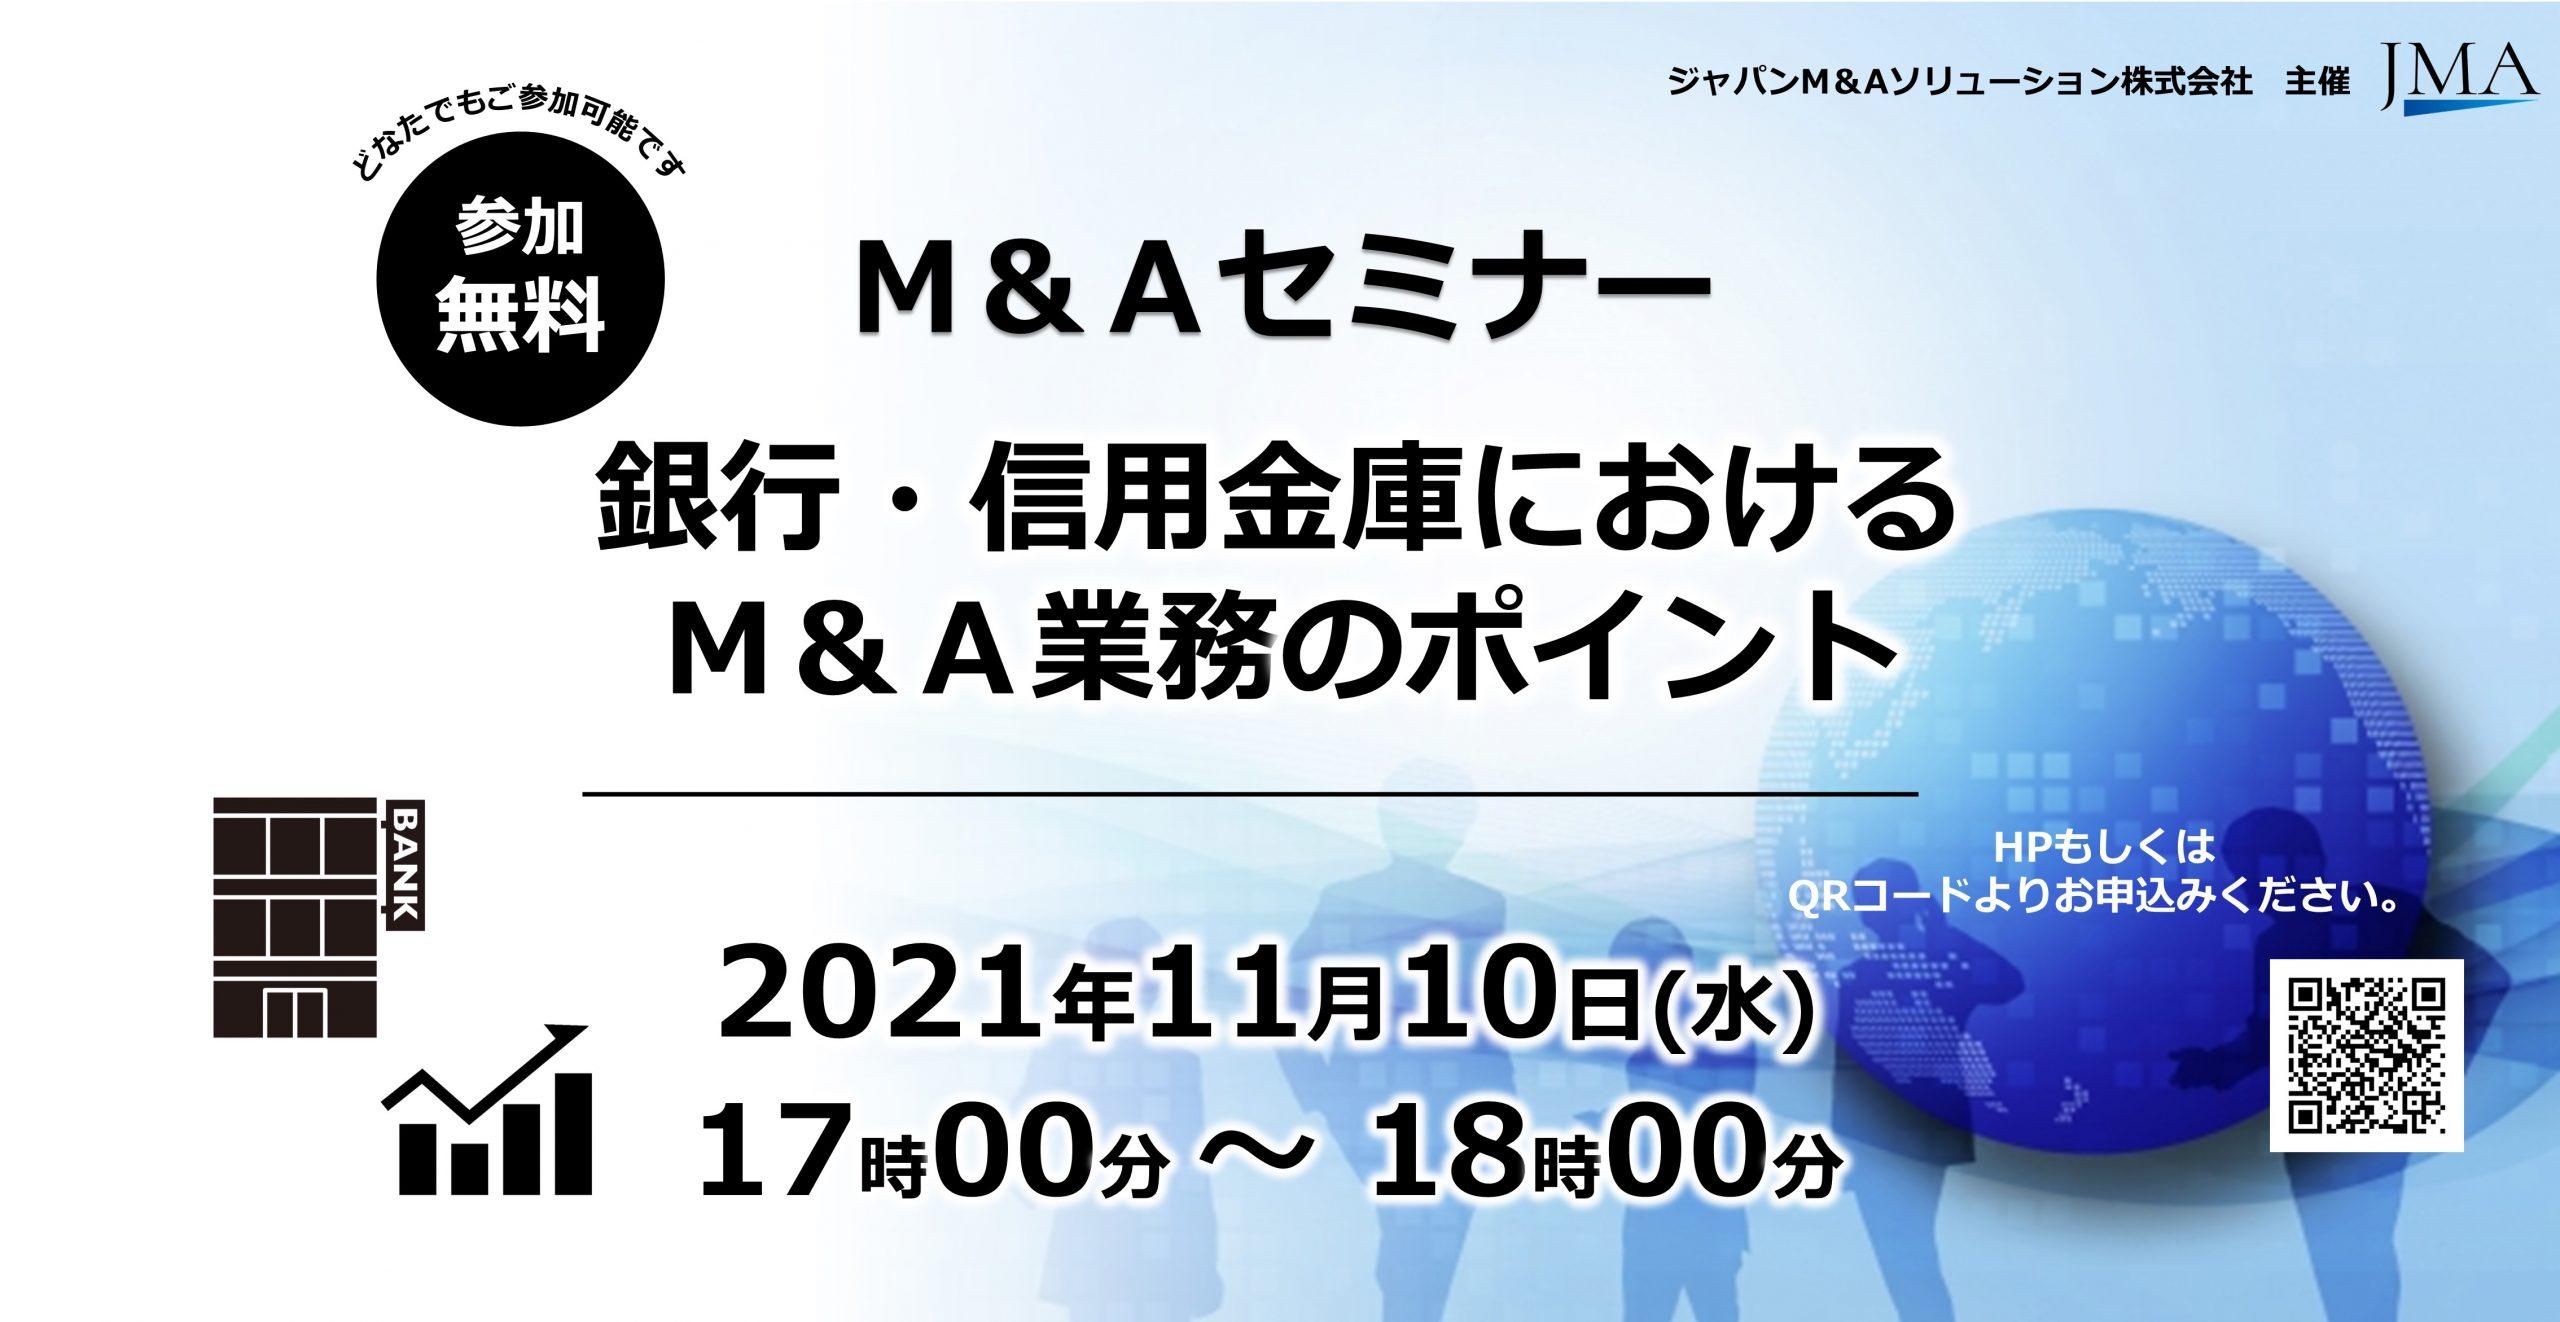 銀行・信用金庫におけるM&Aアドバイザリー業務のポイント